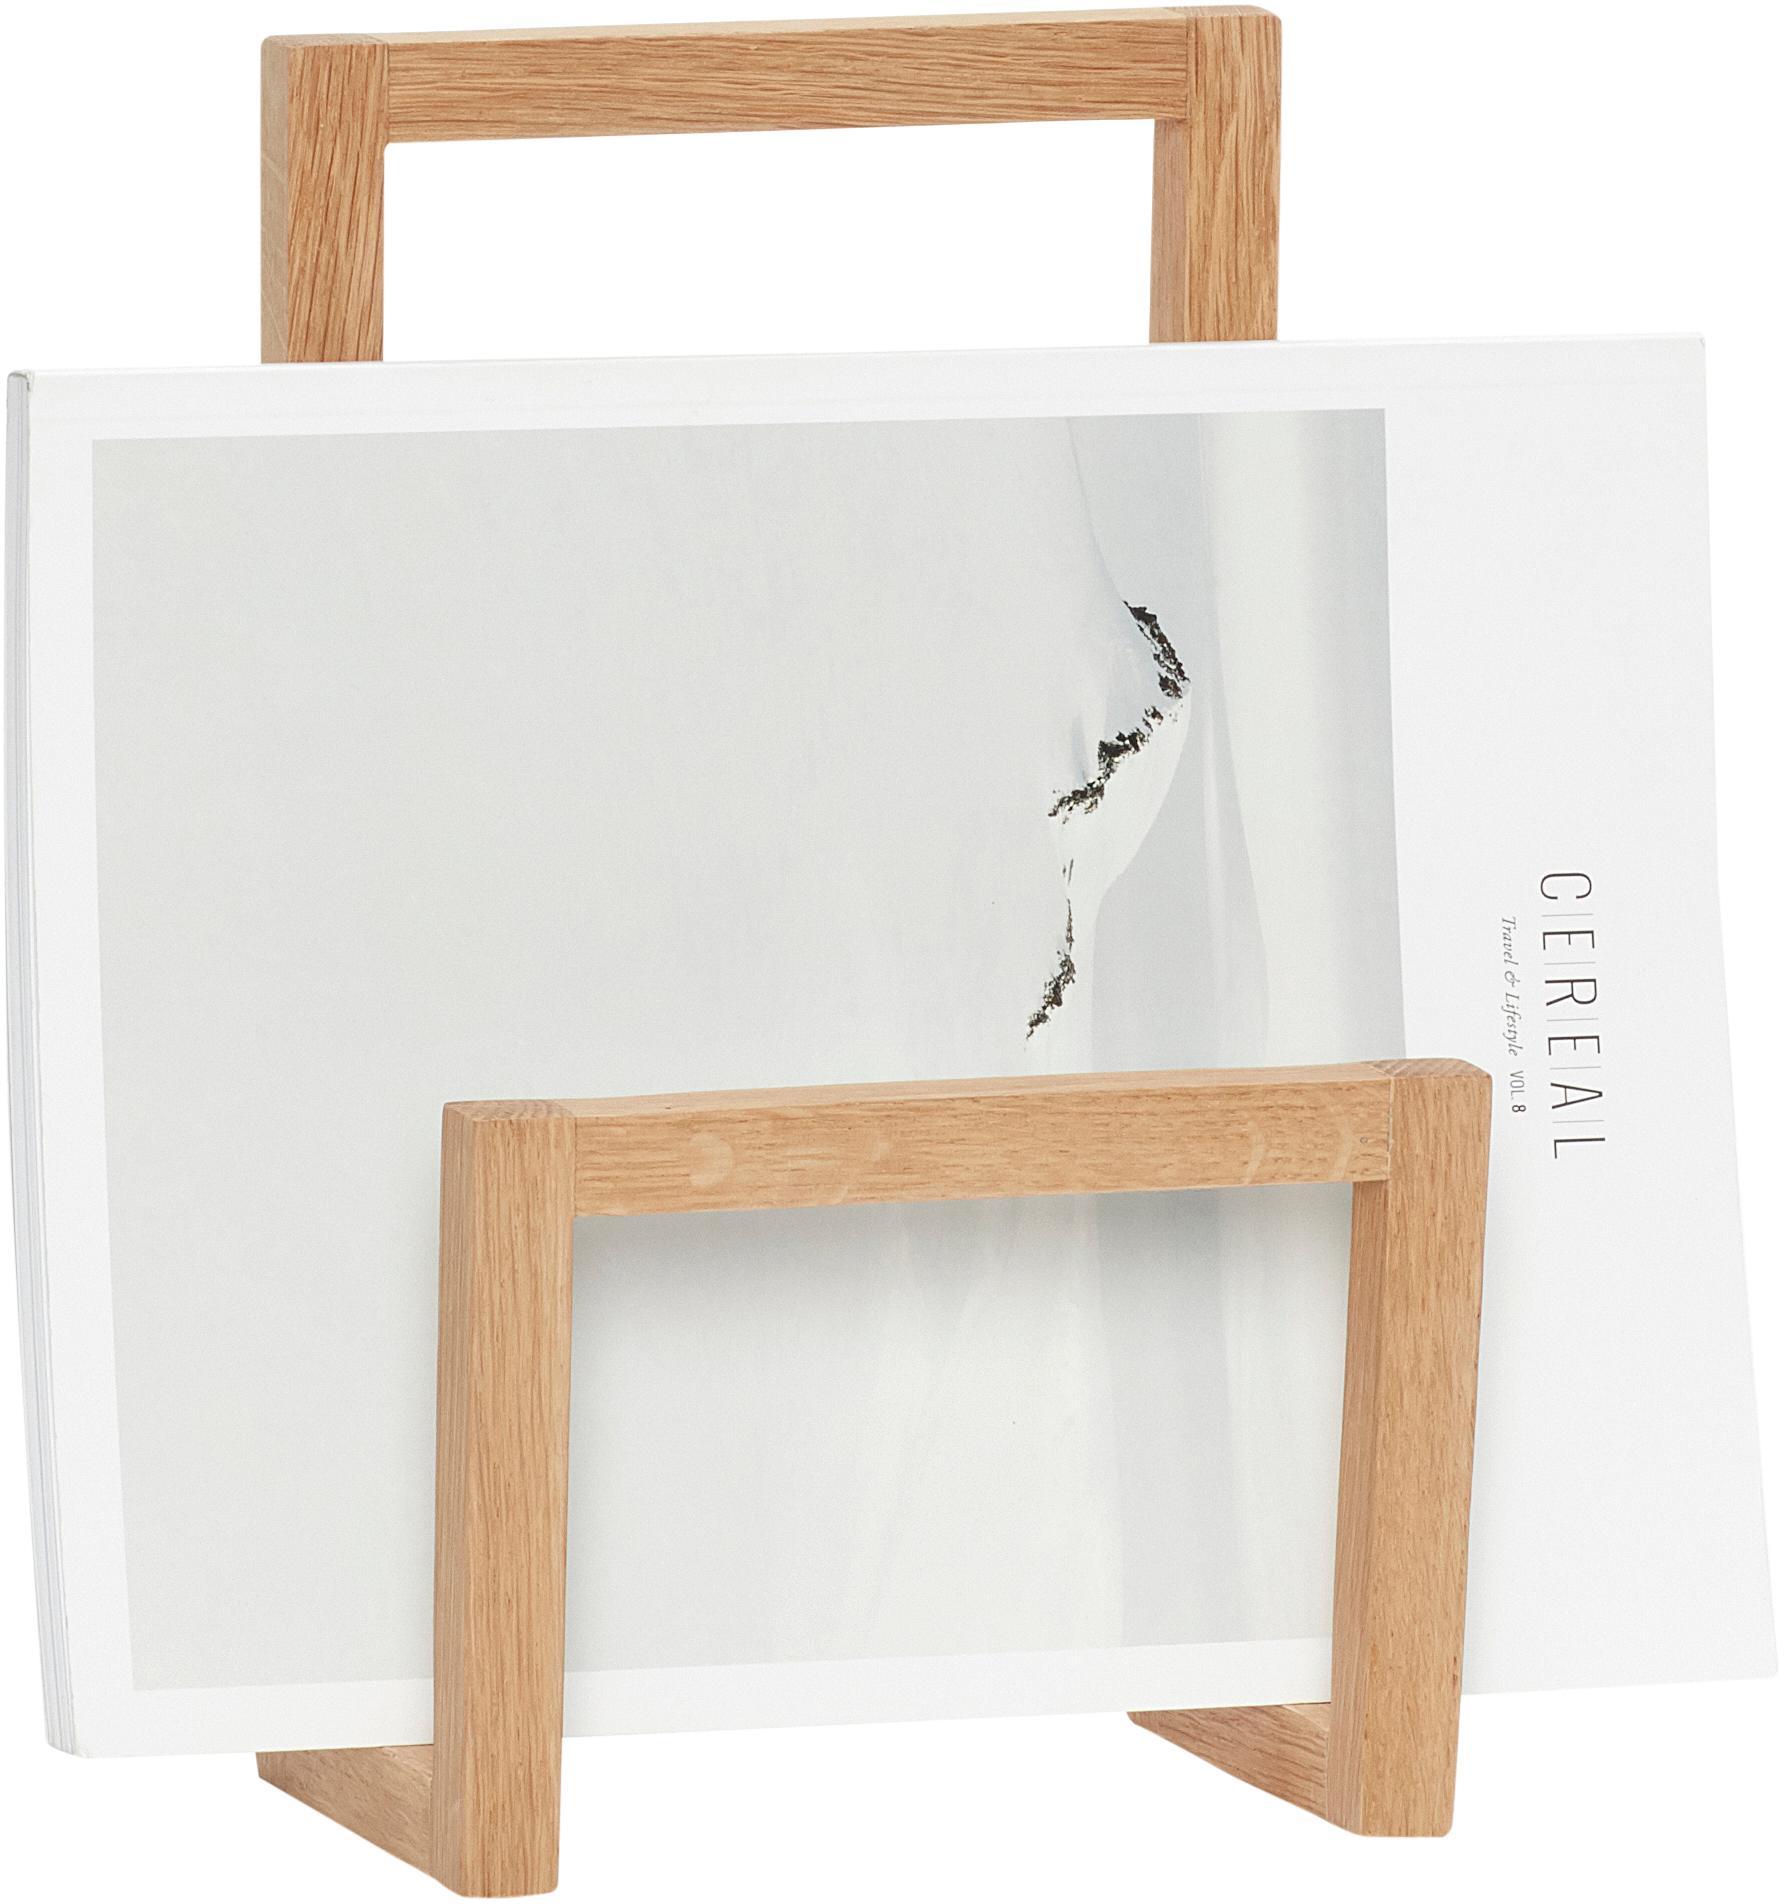 Wandtijdschriftenhouder Klamer, Eikenhout, Eikenhoutkleurig, 17 x 27 cm